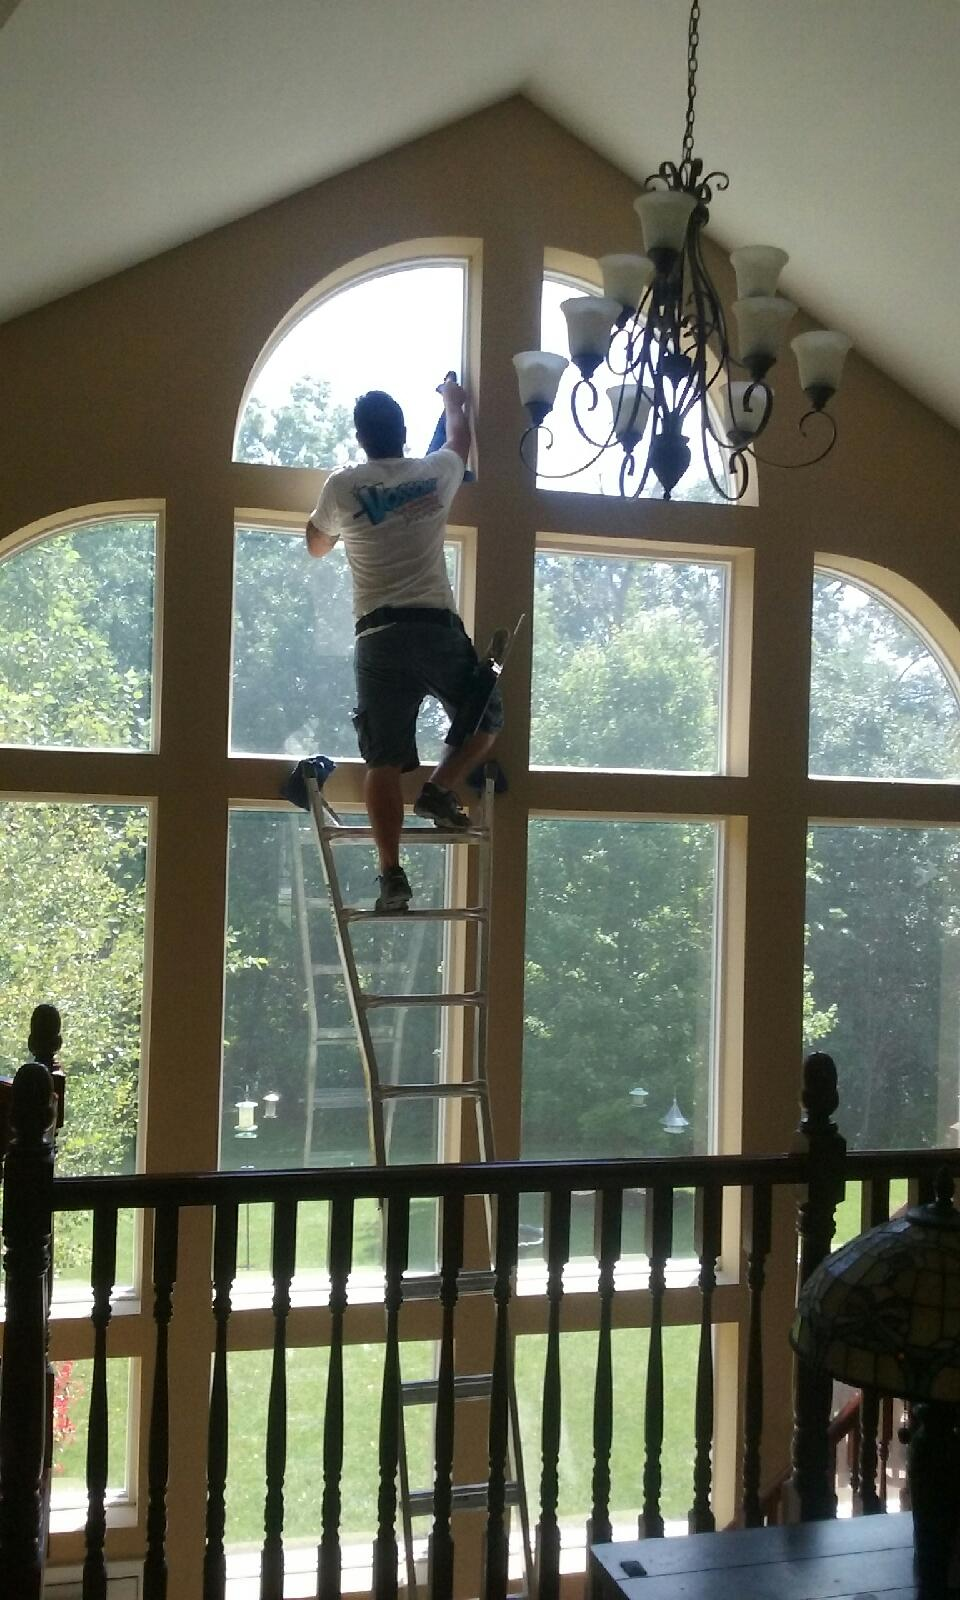 interior window cleaning ladder work